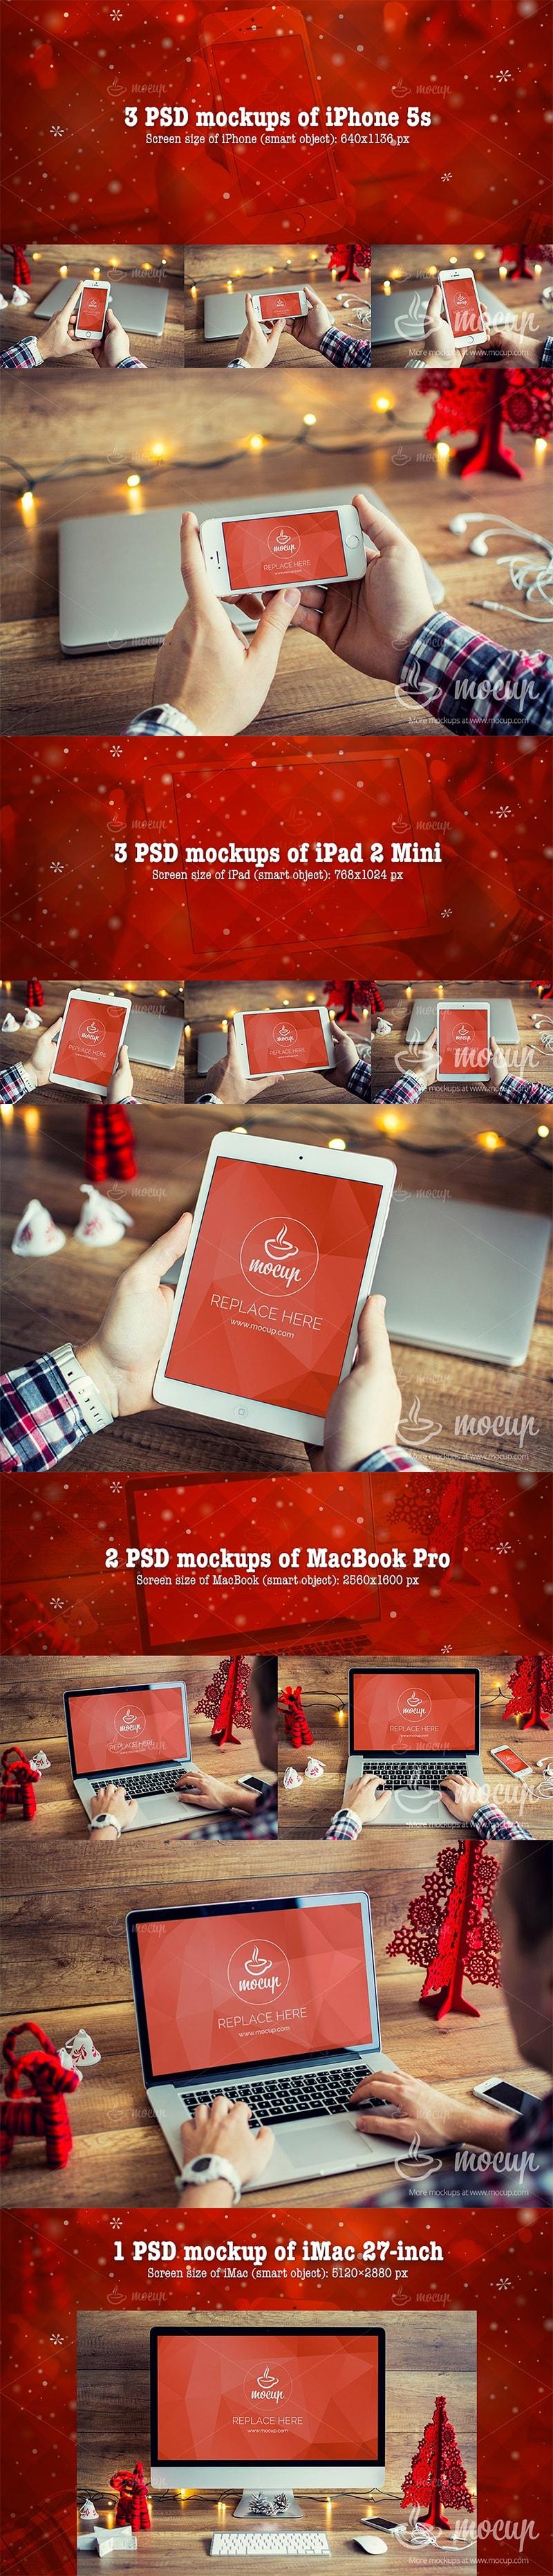 9 PSD Mockups Christmas